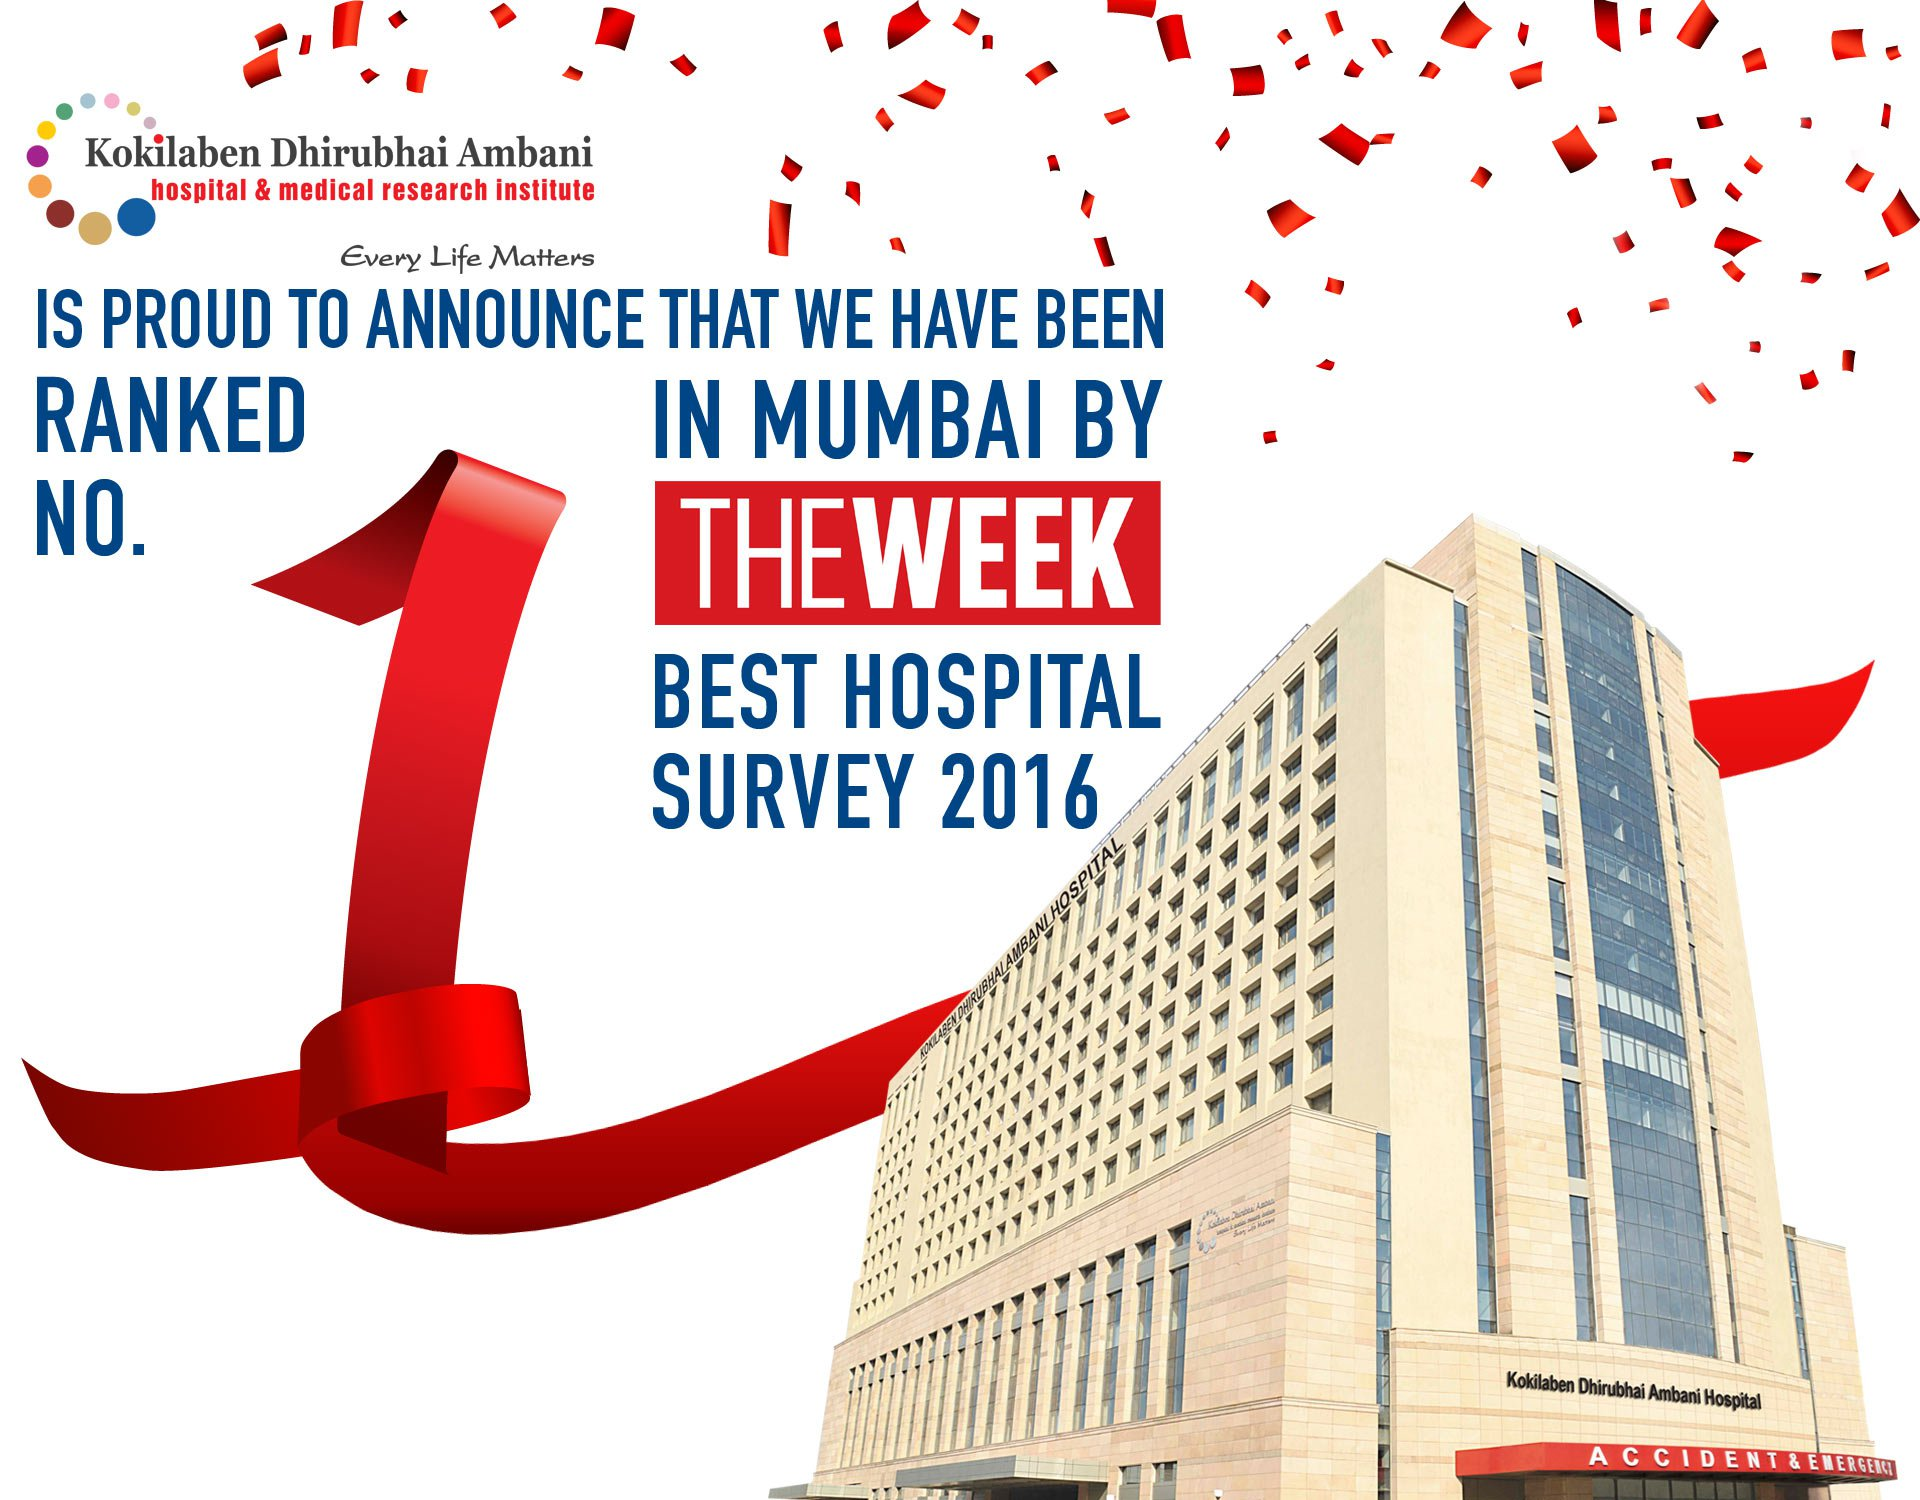 Kokilaben Hospital - Best Hospital Survey 2016